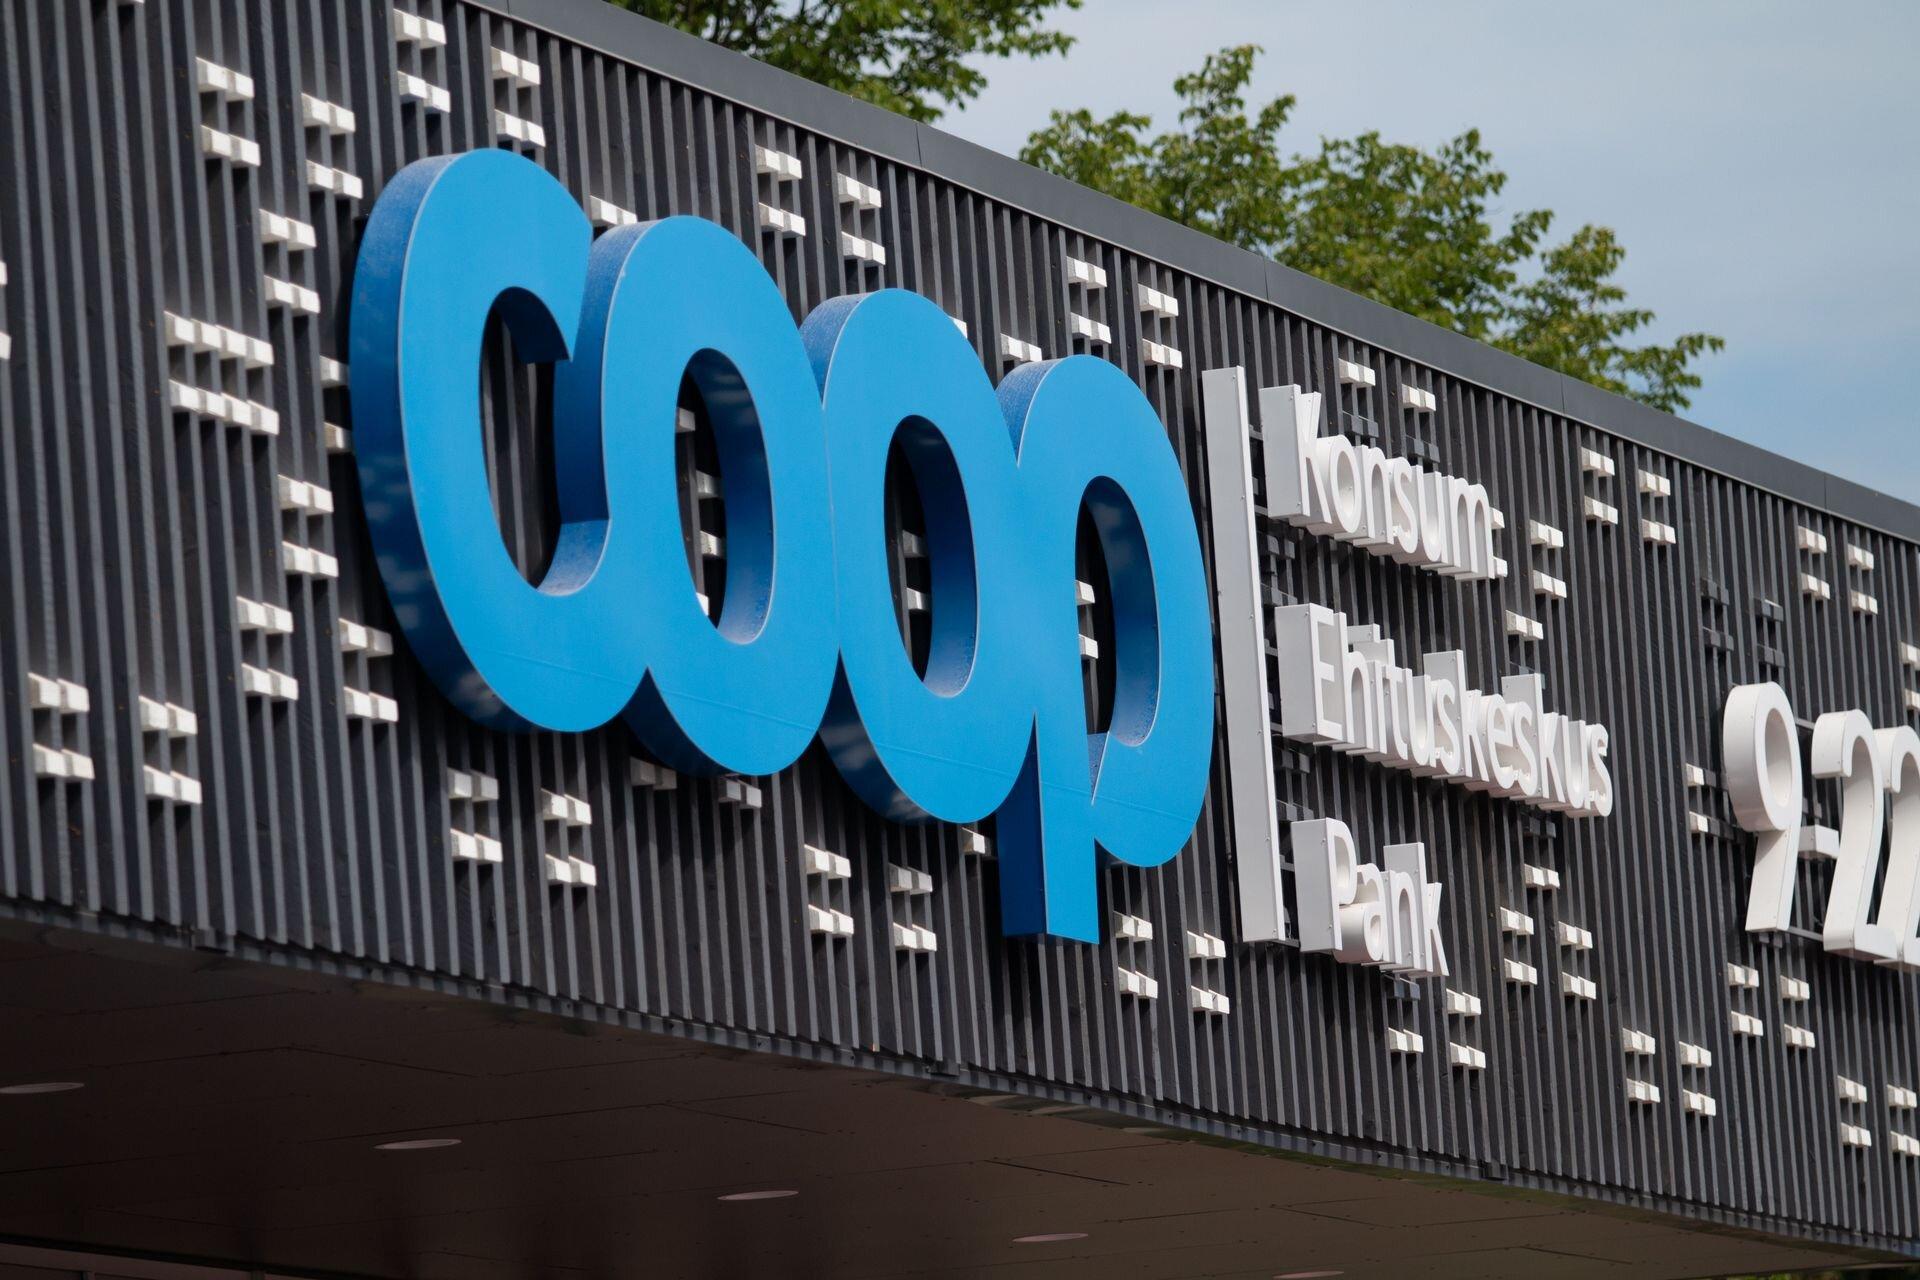 Coop Panga tütarettevõte alustab kindlustusvahendusega